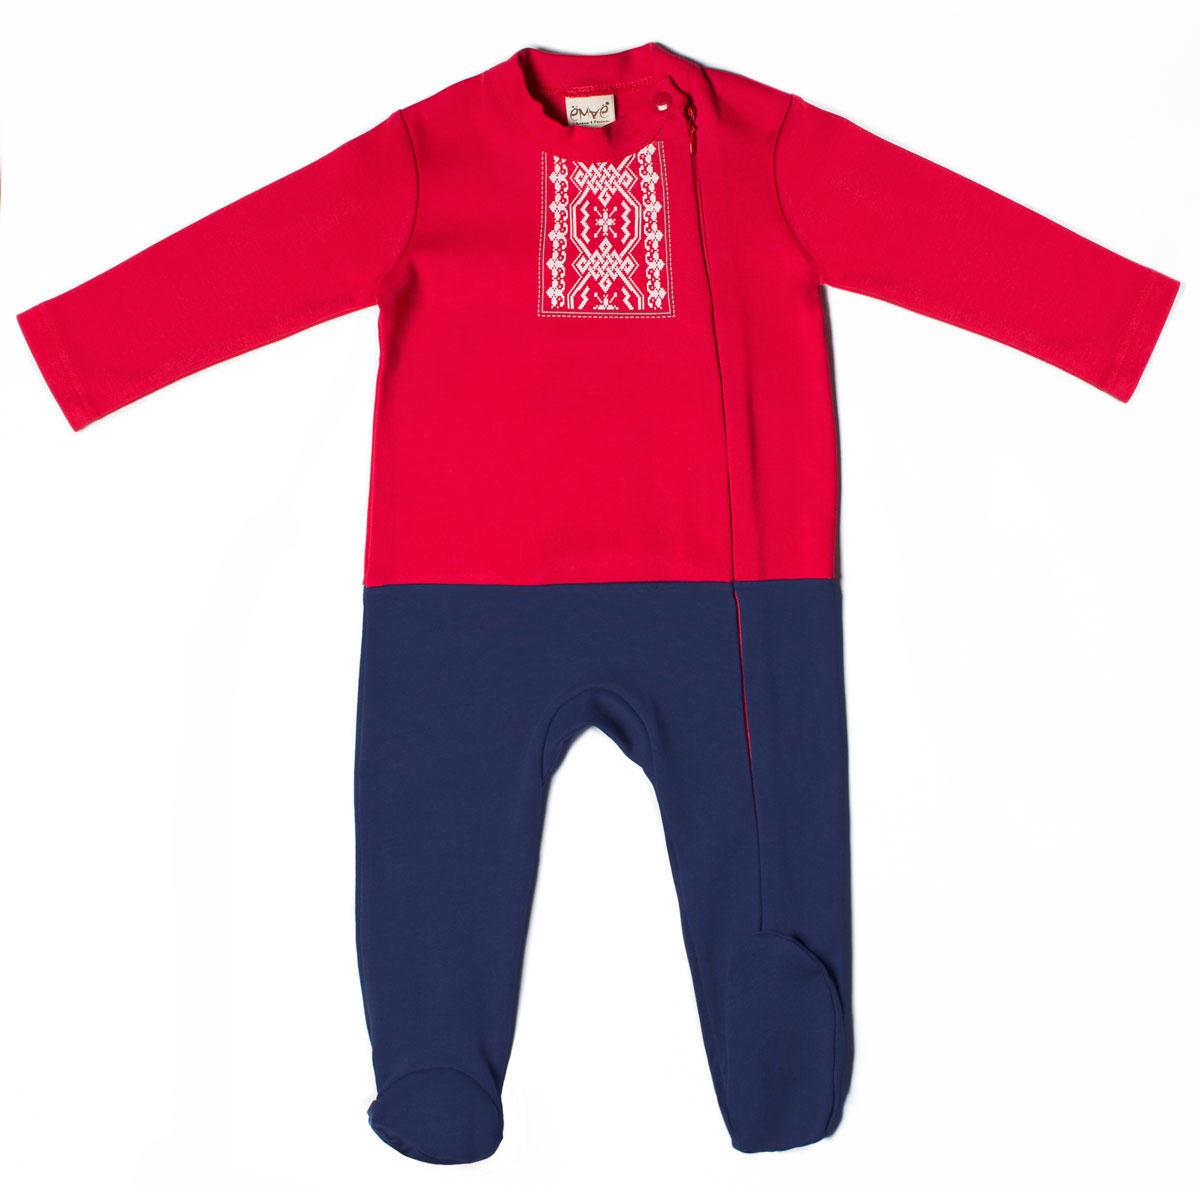 Комбинезон для мальчика. 22-236 - Ёмаё22-236Детский комбинезон для мальчика Ёмаё - очень удобный и практичный вид одежды для малыша. Комбинезон выполнен из натурального хлопка, благодаря чему он очень мягкий и приятный на ощупь, не раздражает нежную кожу ребенка и хорошо вентилируется. Комбинезон с длинными рукавами и закрытыми ножками имеет застежку-молнию от горловины до щиколотки, которая помогает легко переодеть ребенка или сменить подгузник, на воротнике-стойке имеется небольшой хлястик на кнопке. Использование контрастных цветов придает изделию эффект 2 в 1 (футболка с длинным рукавом, ползунки). Спереди модель оформлена ярким принтом с народными мотивами. Комфортный и уютный комбинезон станет незаменимым дополнением к гардеробу вашего ребенка. Изделие полностью соответствует особенностям жизни младенца в ранний период, не стесняя и не ограничивая его в движениях.